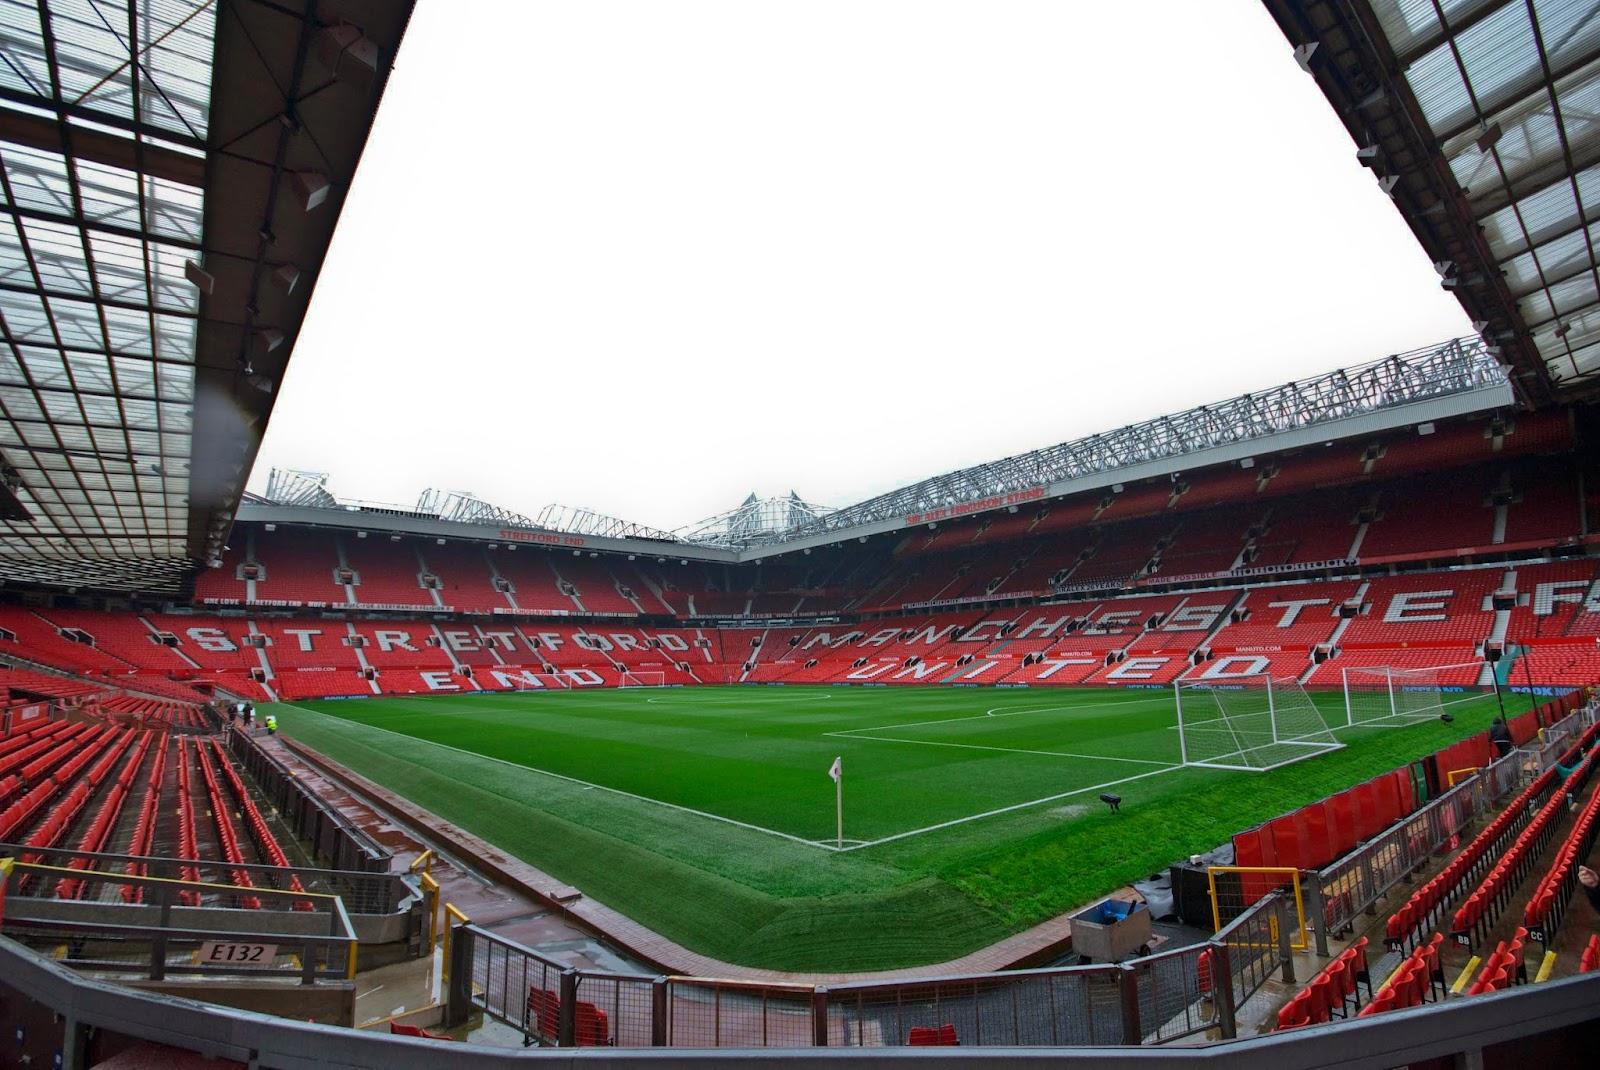 Rapids England Tour 2014: Manchester United Stadium Tour